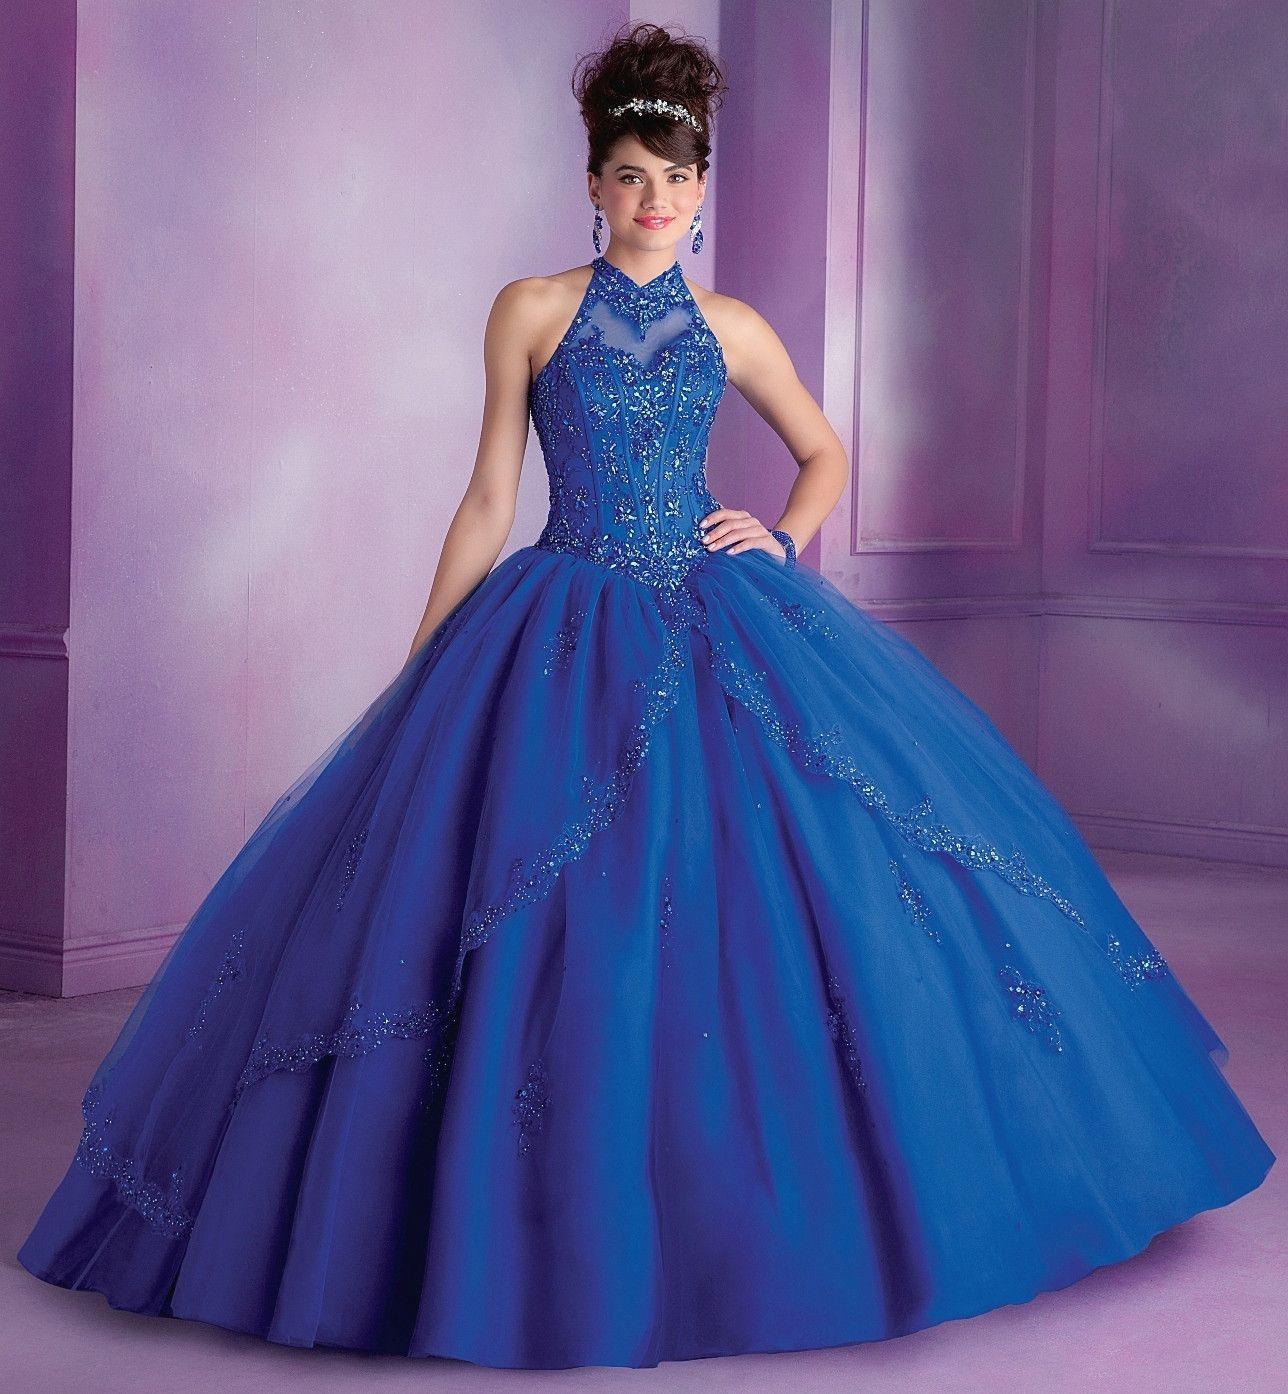 Mori Lee Quinceanera Dress 89001 | Vestidos de fiesta, Vestidos de ...